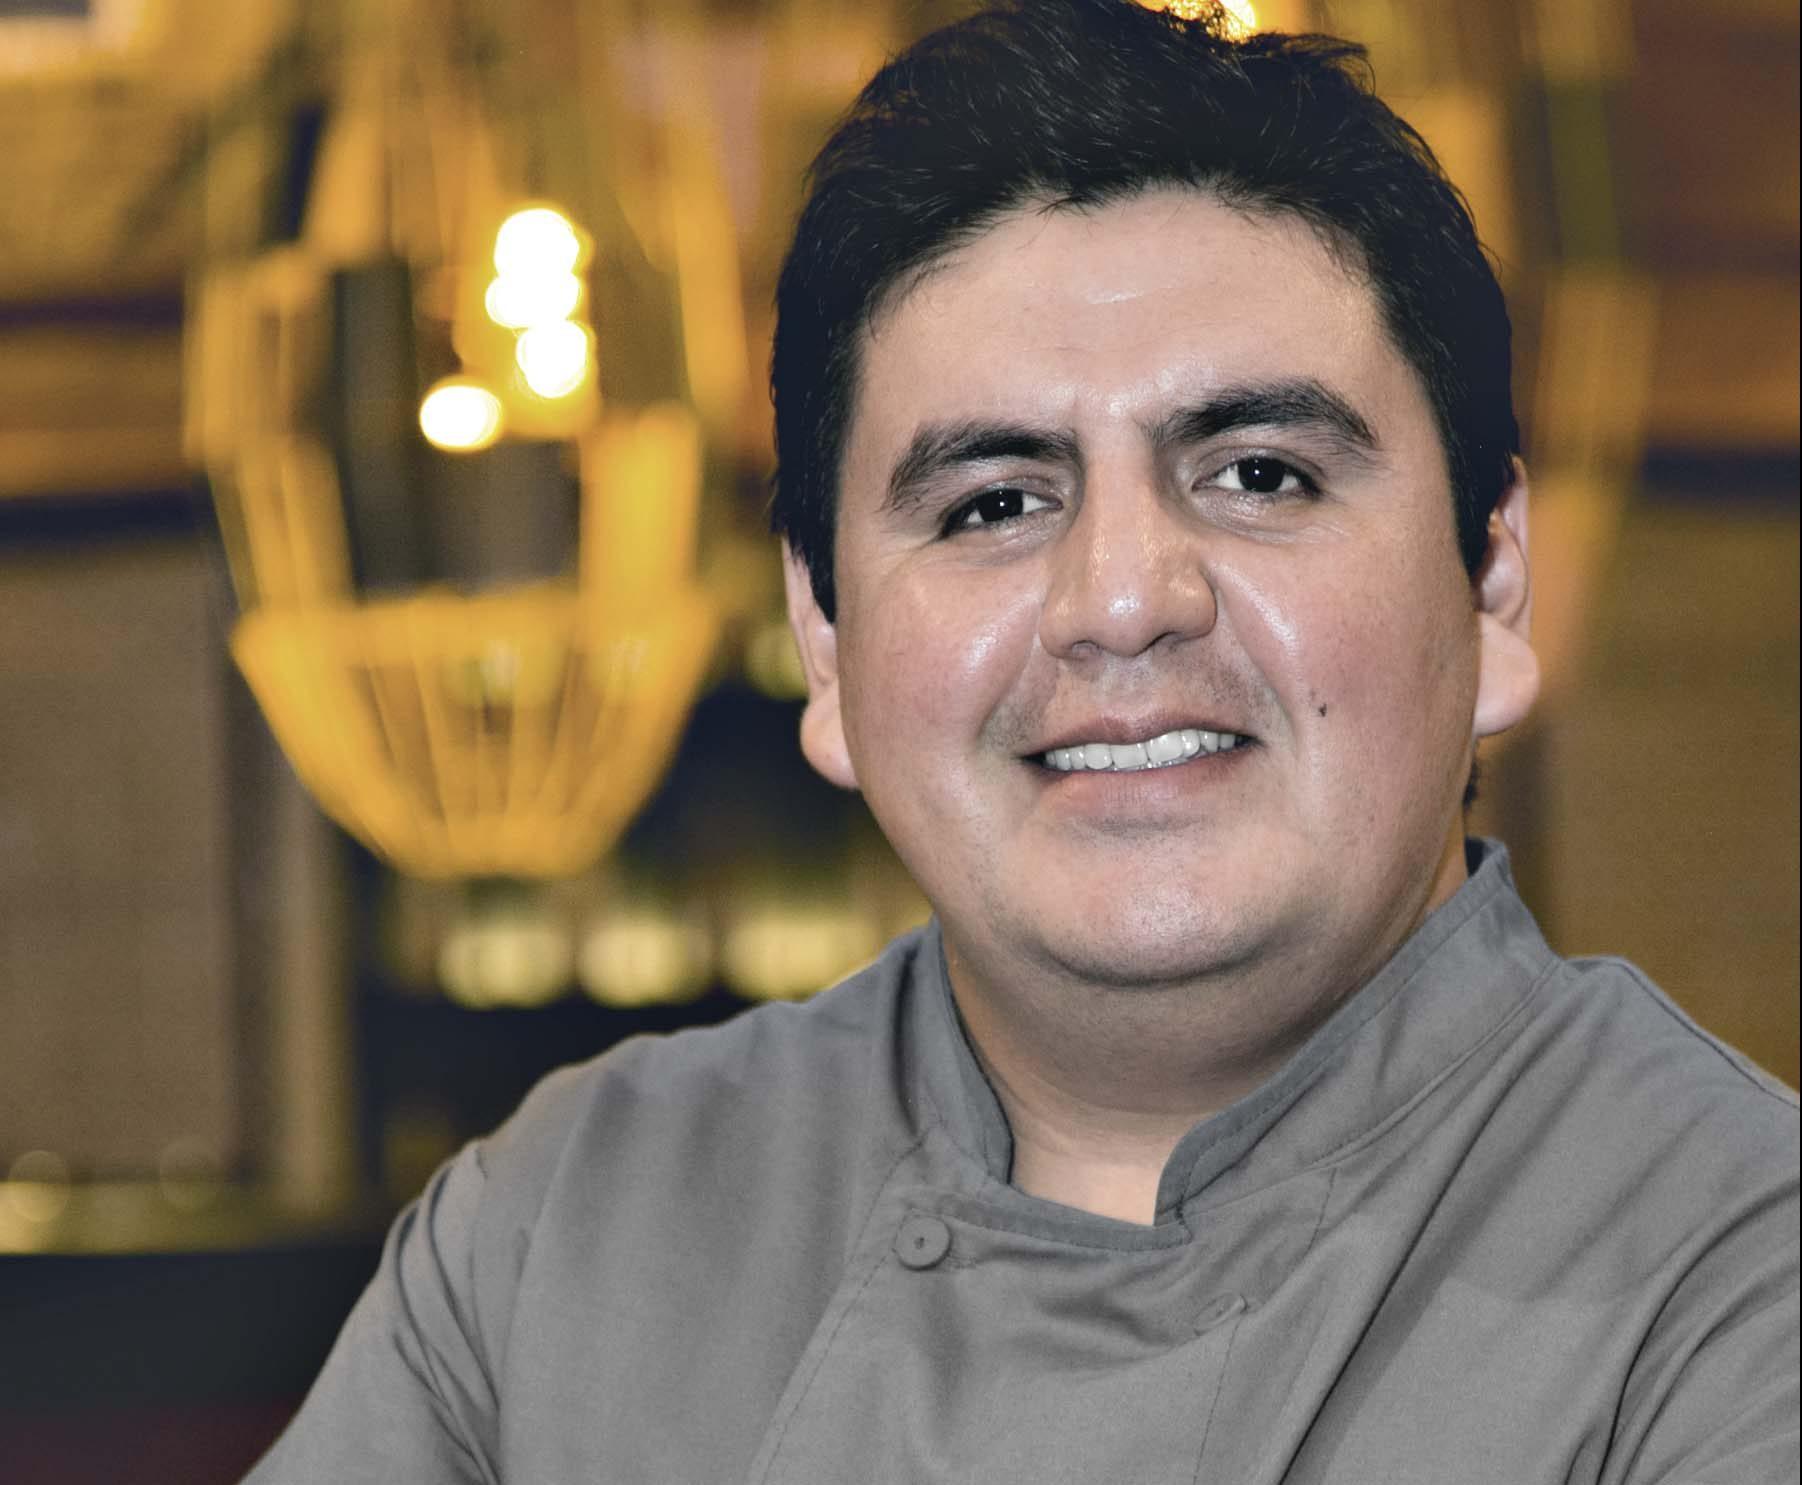 Diarios de cocina con el chef Christian Bravo